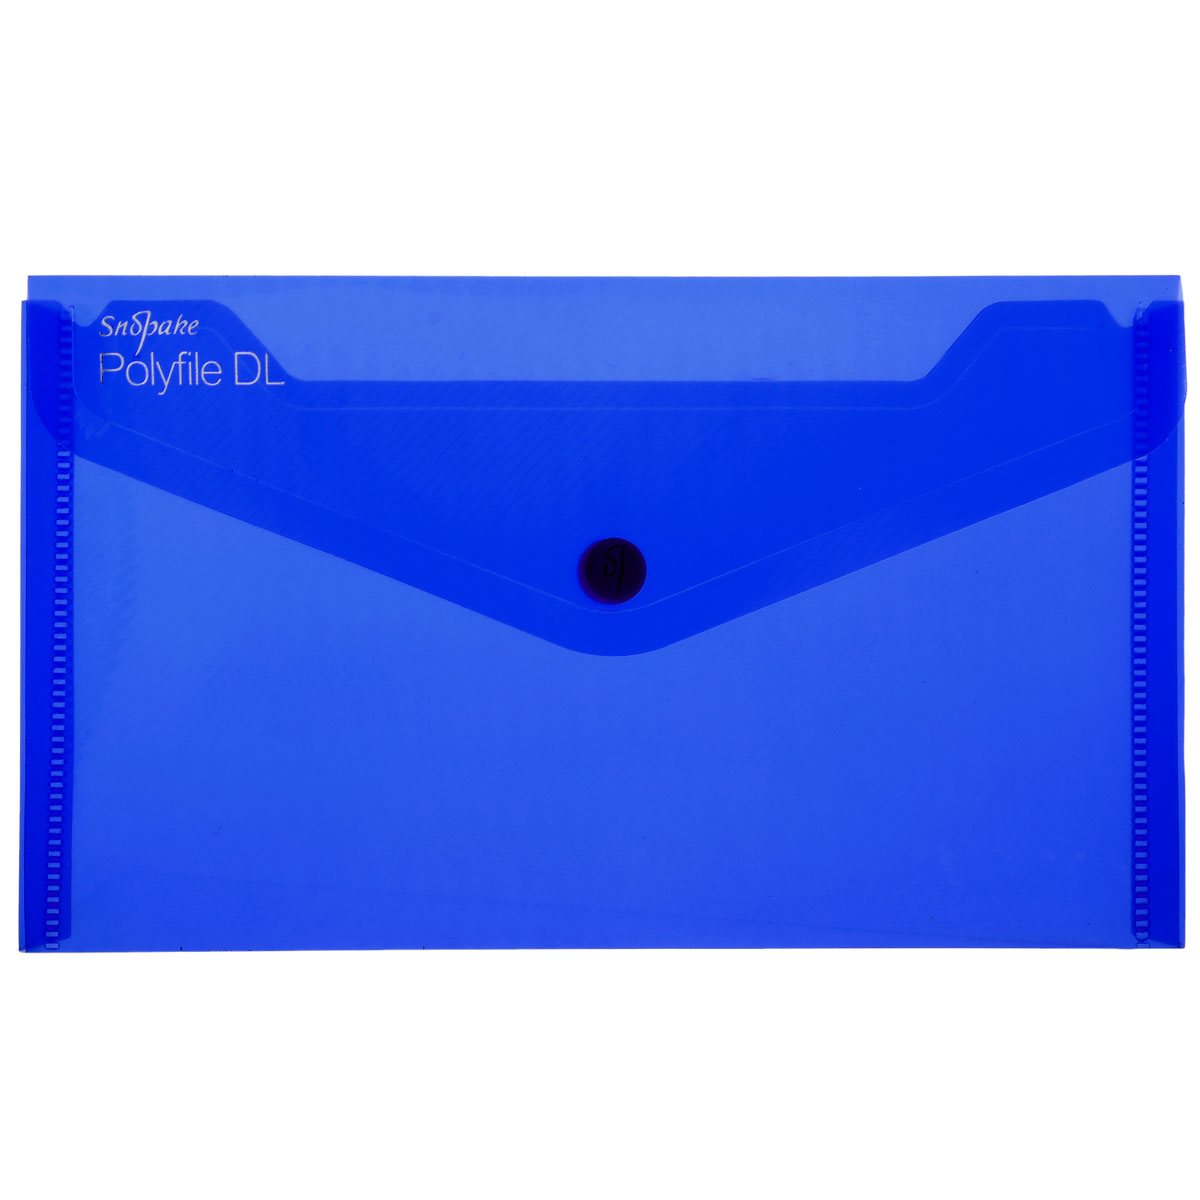 Папка-конверт на кнопке Snopake Polifile DL: Electra, цвет: синийFS-36052Папка-конверт на кнопке Snopake Polifile DL: Electra это удобный и функциональный инструмент, предназначенный для хранения и транспортировки документов.Папка изготовлена из прочного пластика с рельефной текстурой, закрывается клапаном на кнопку. Содержит одно отделение, которое подойдет для паспорта, водительских документов, пластиковых карт.Папка-конверт - идеальный вариант для путешествий. Такая папка надежно сохранит ваши документы и сбережет их от повреждений, пыли и влаги. Она сочетает в себе классический дизайн и неизменно высокое качество.